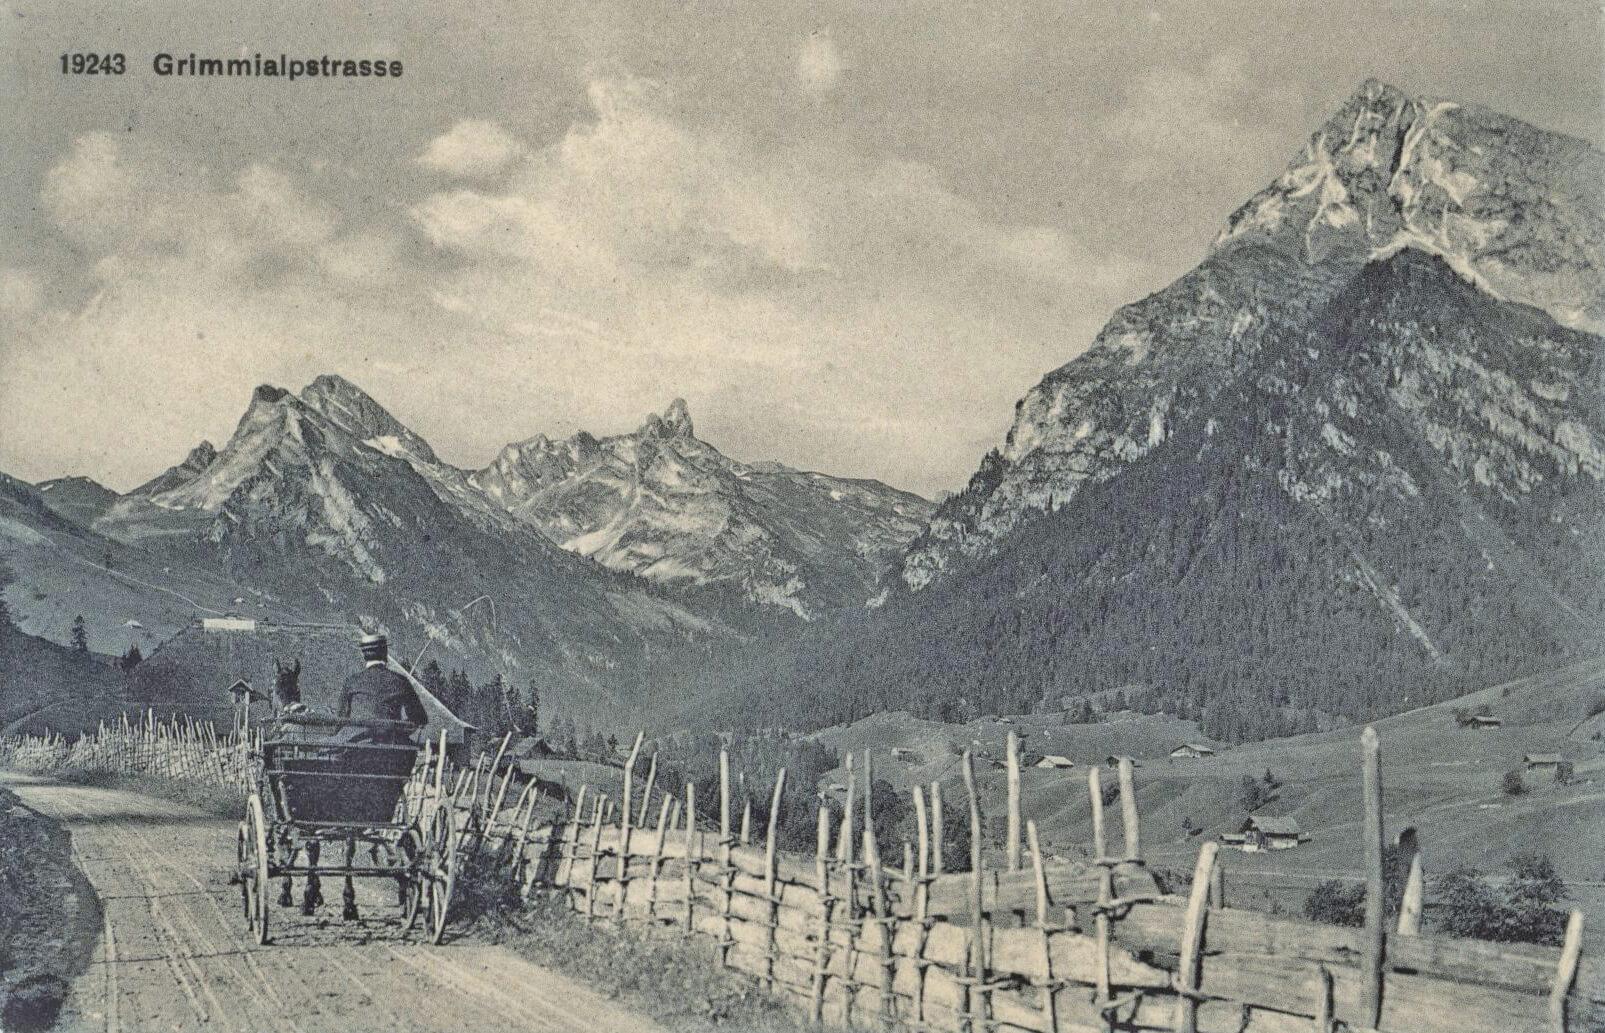 Mit Pferd und Kutsche auf der alten Grimmialpstrasse